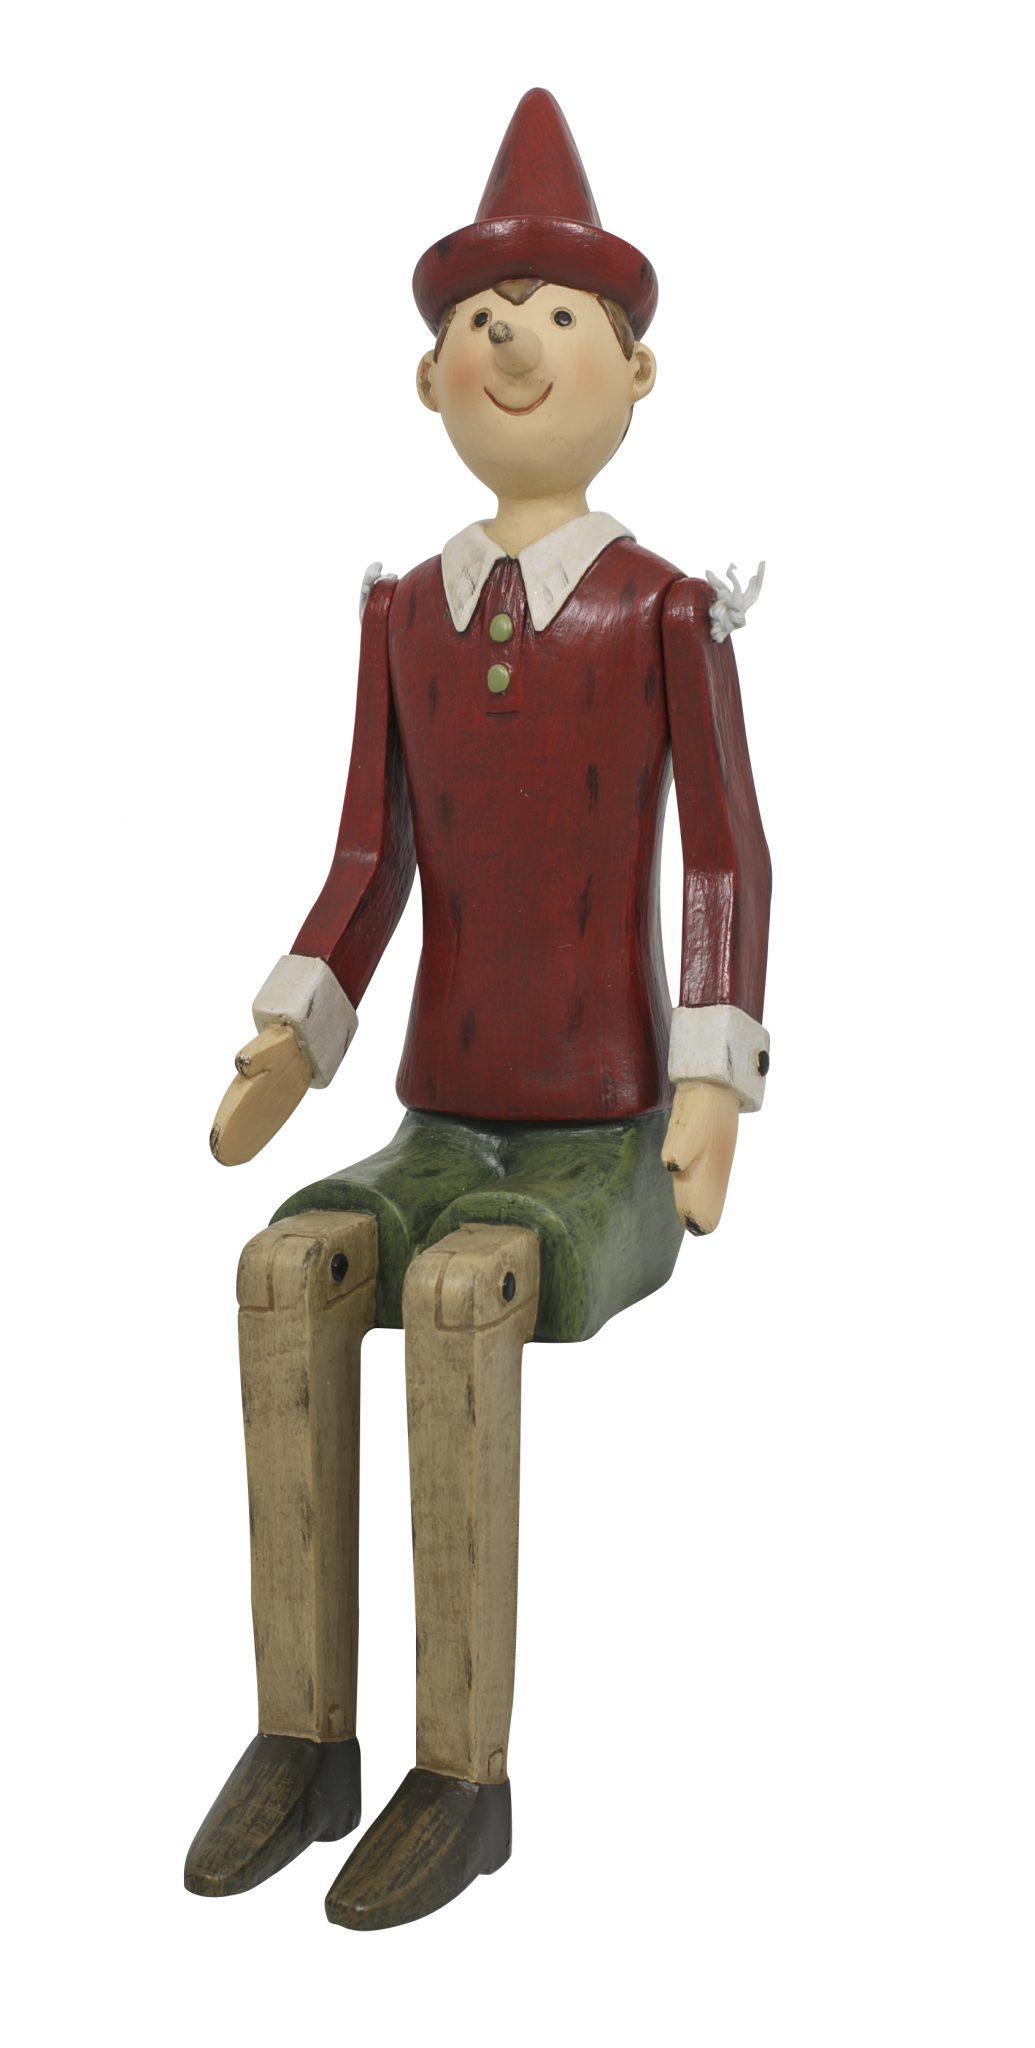 Pinocchio Ledge Sitter 30cm